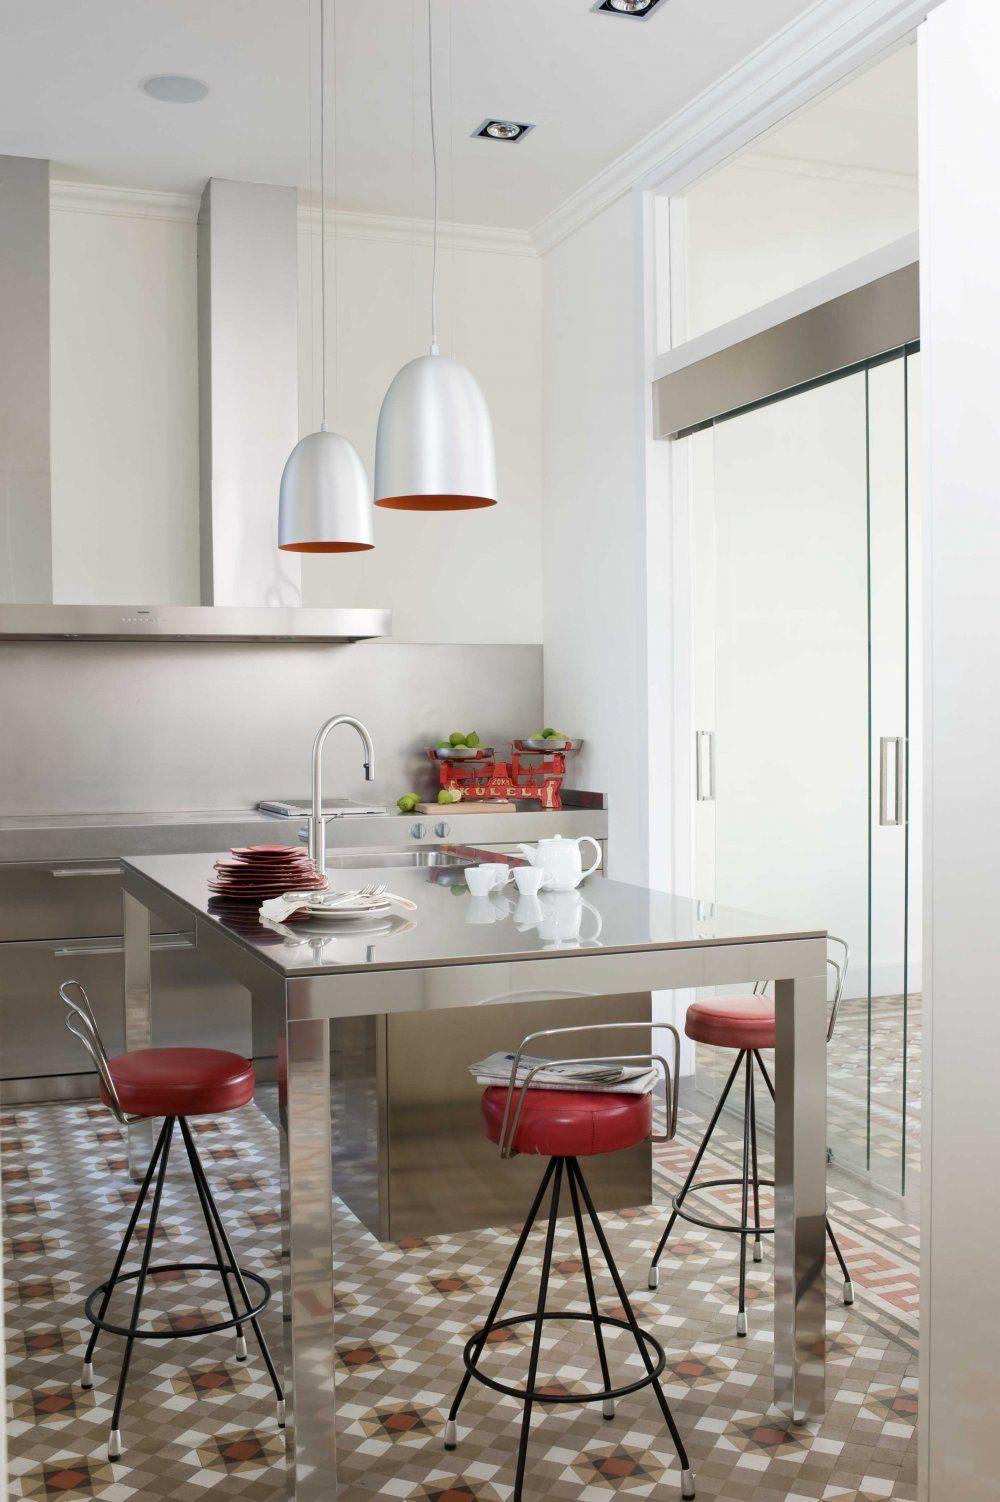 Mes caprices belges decoraci n interiorismo y - Cocinas con mosaico ...